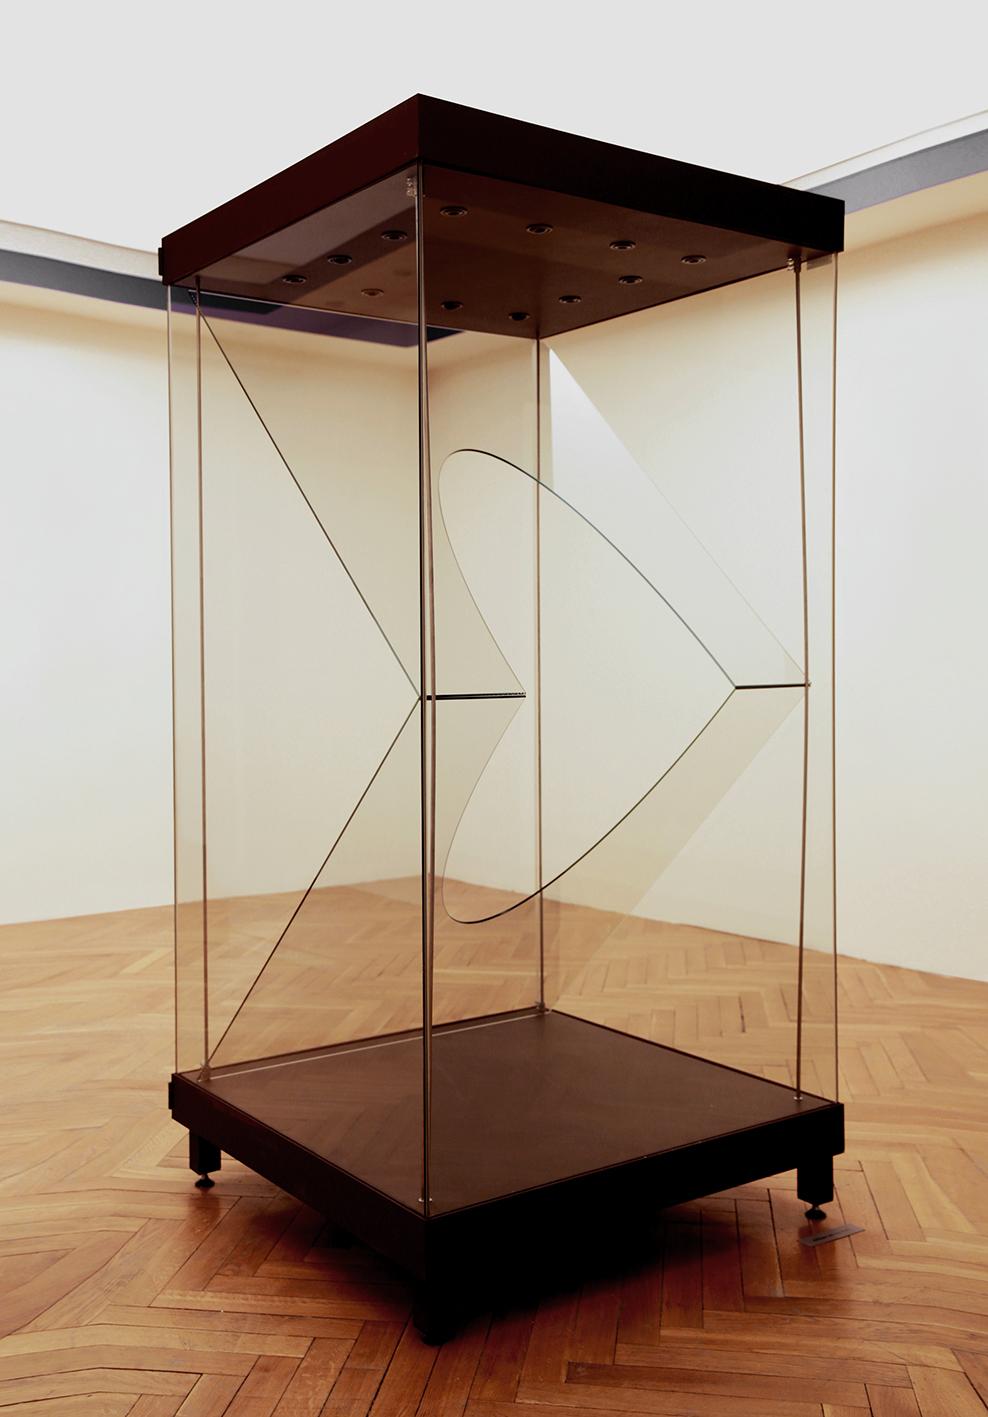 Karolina Hałatek, Why There Is Something Rather Than Nothing, instalacja, 2016, fot.Karolina Hałatek